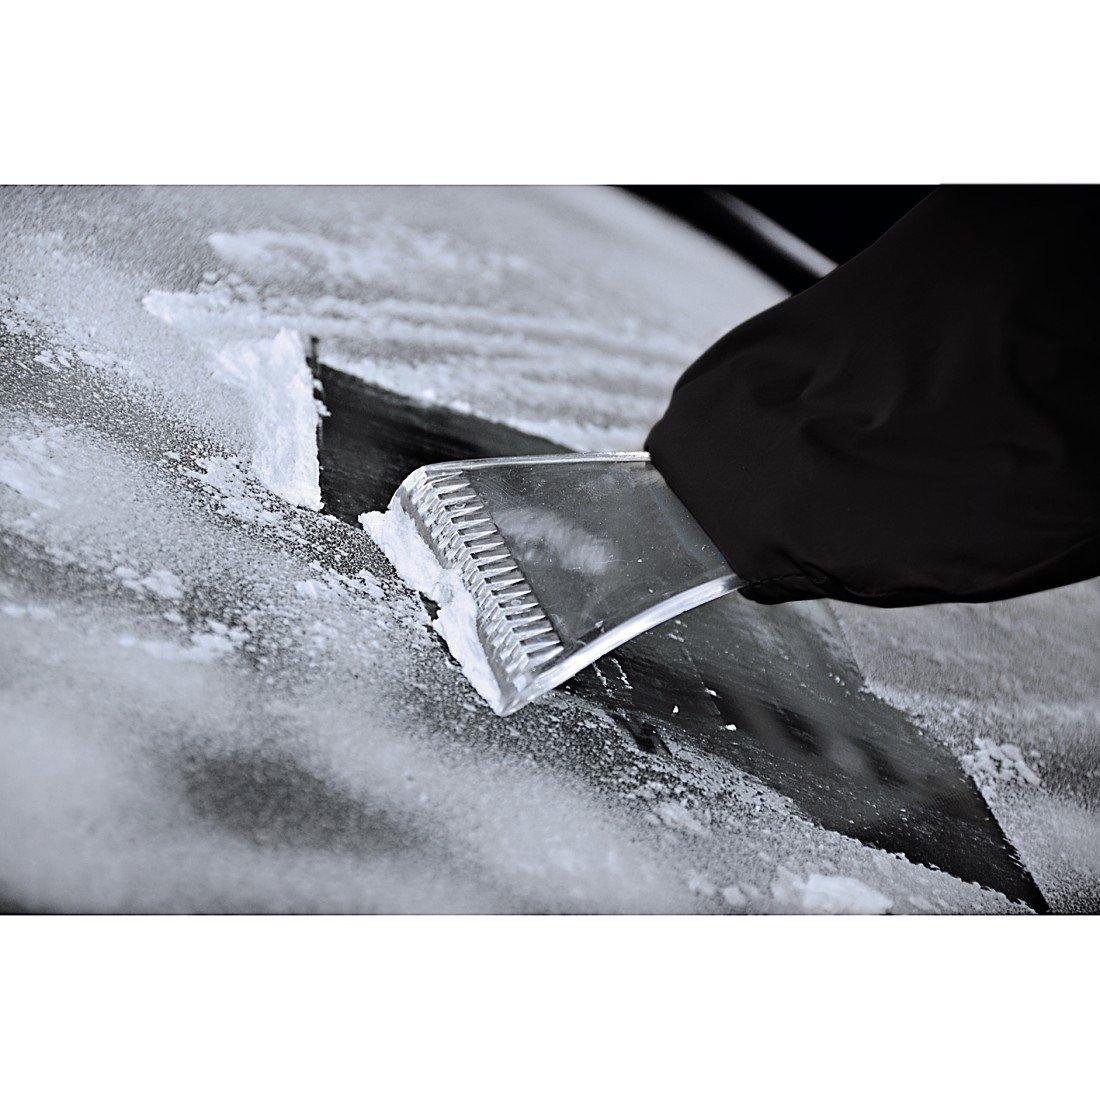 Flauschiges Innenfutter, Umschlie/ßender Gummizug, Mit Eisbrecherkante Hama Eiskratzer Handschuh